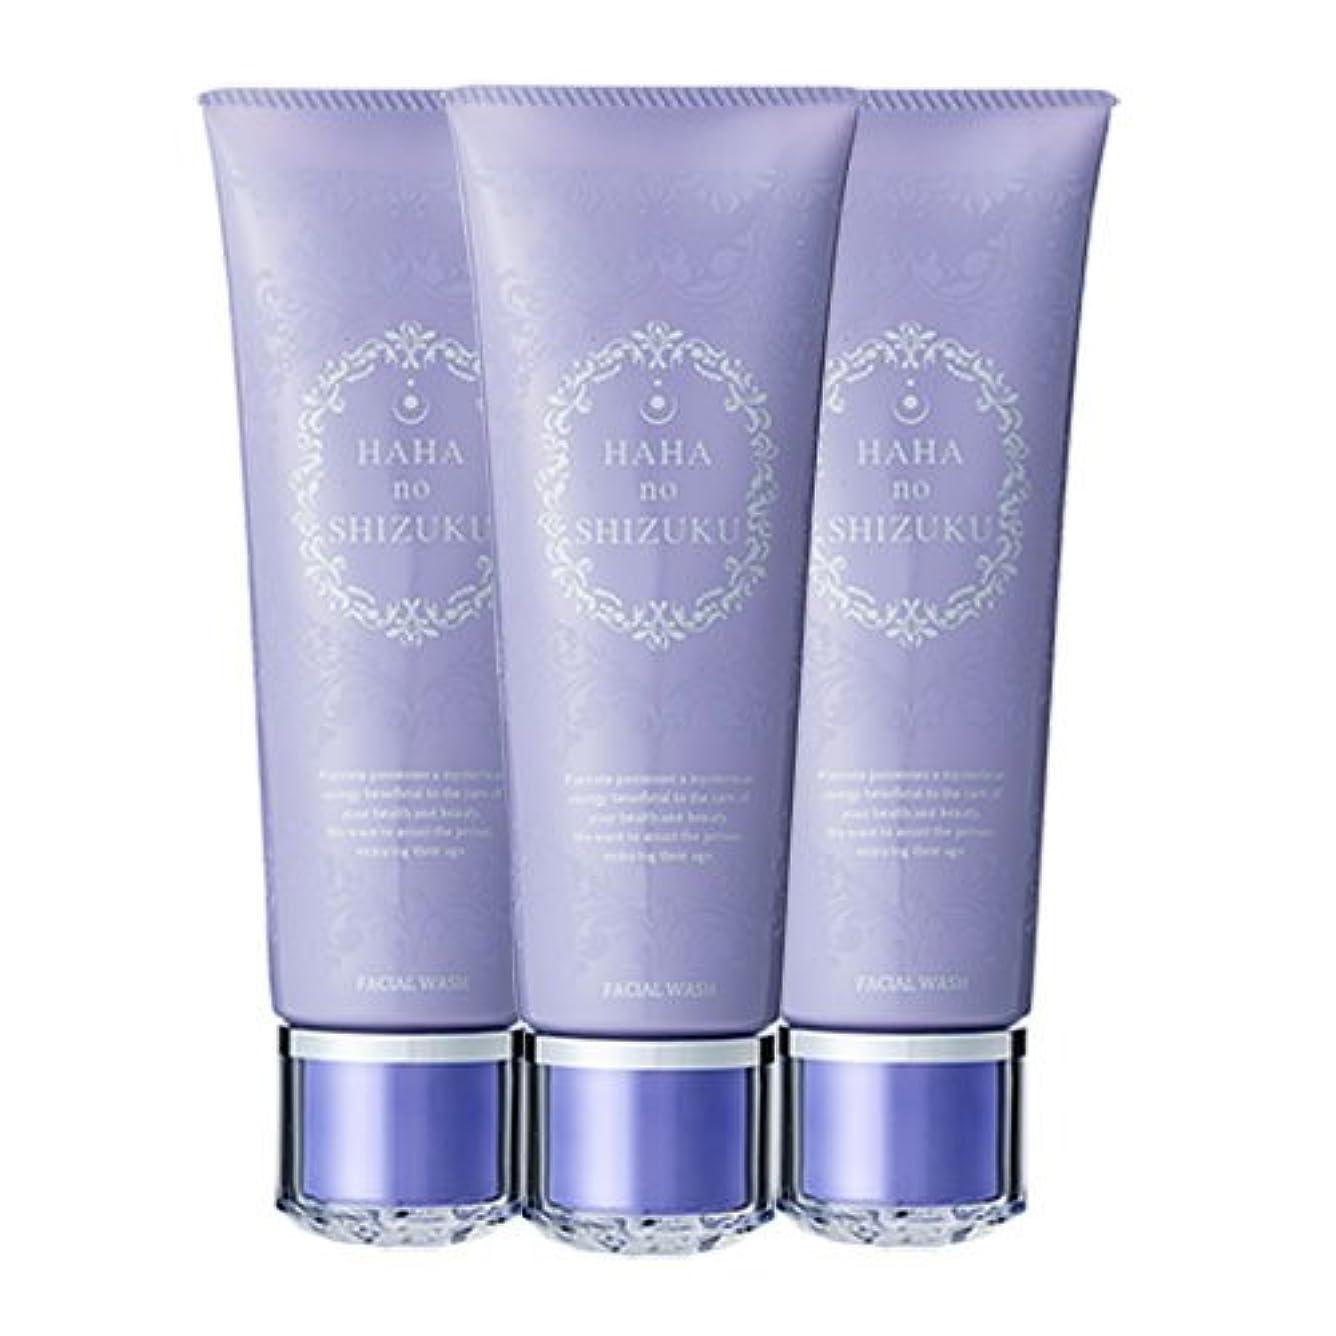 スキップ信頼性のあるガイダンス母の滴 プラセンタ洗顔フォーム 3本セット 敏感肌にも安心 アミノ酸系洗浄剤 (122g×3本) プラセンタエキス サイタイエキス ヒアルロン酸